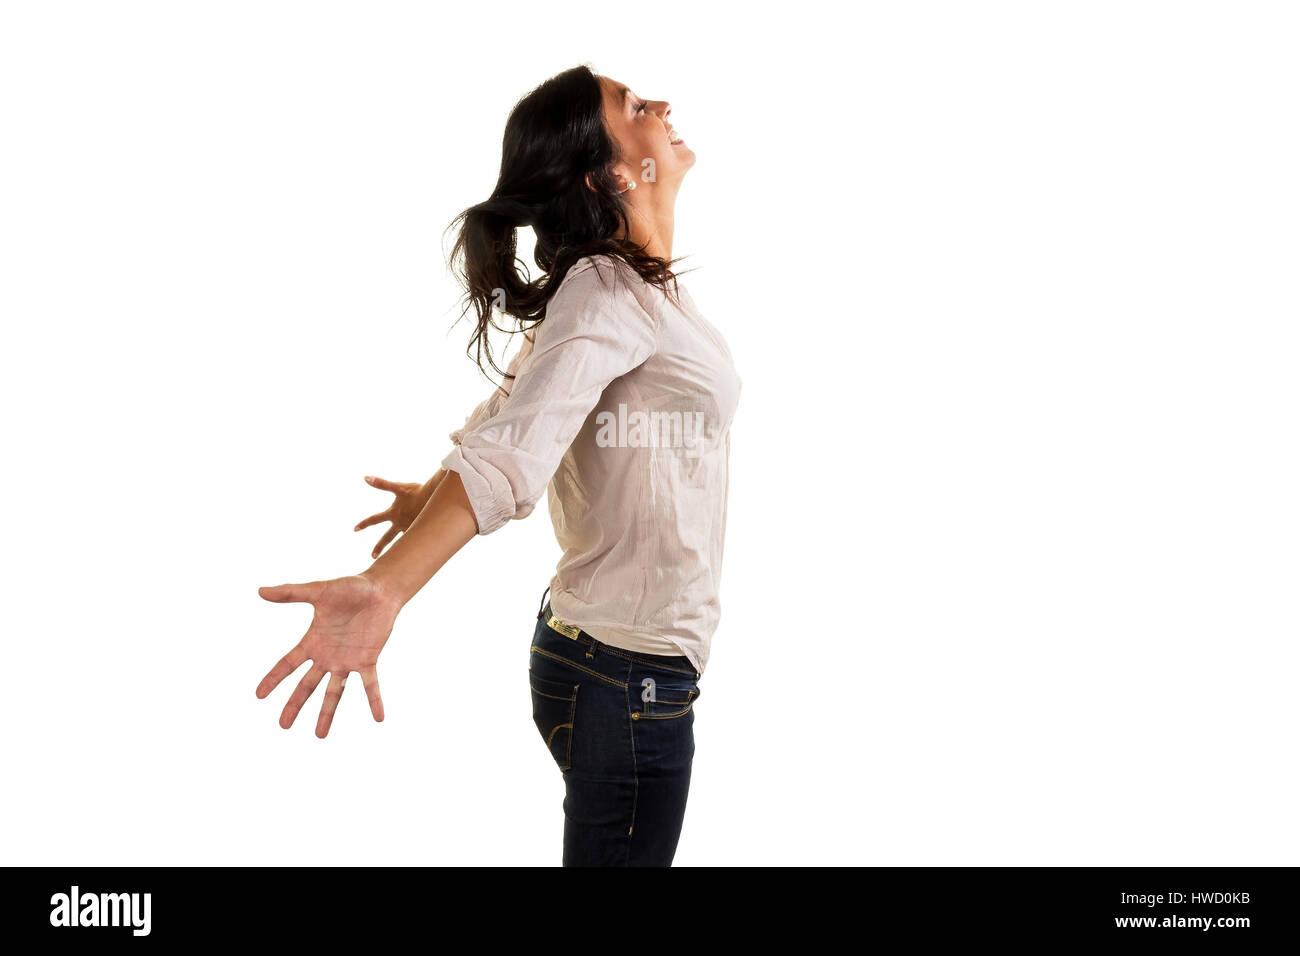 A young woman deeply breathes deeply and genius? t her life, Eine junge Frau atmet tief durch und genie?t ihr Leben Stock Photo